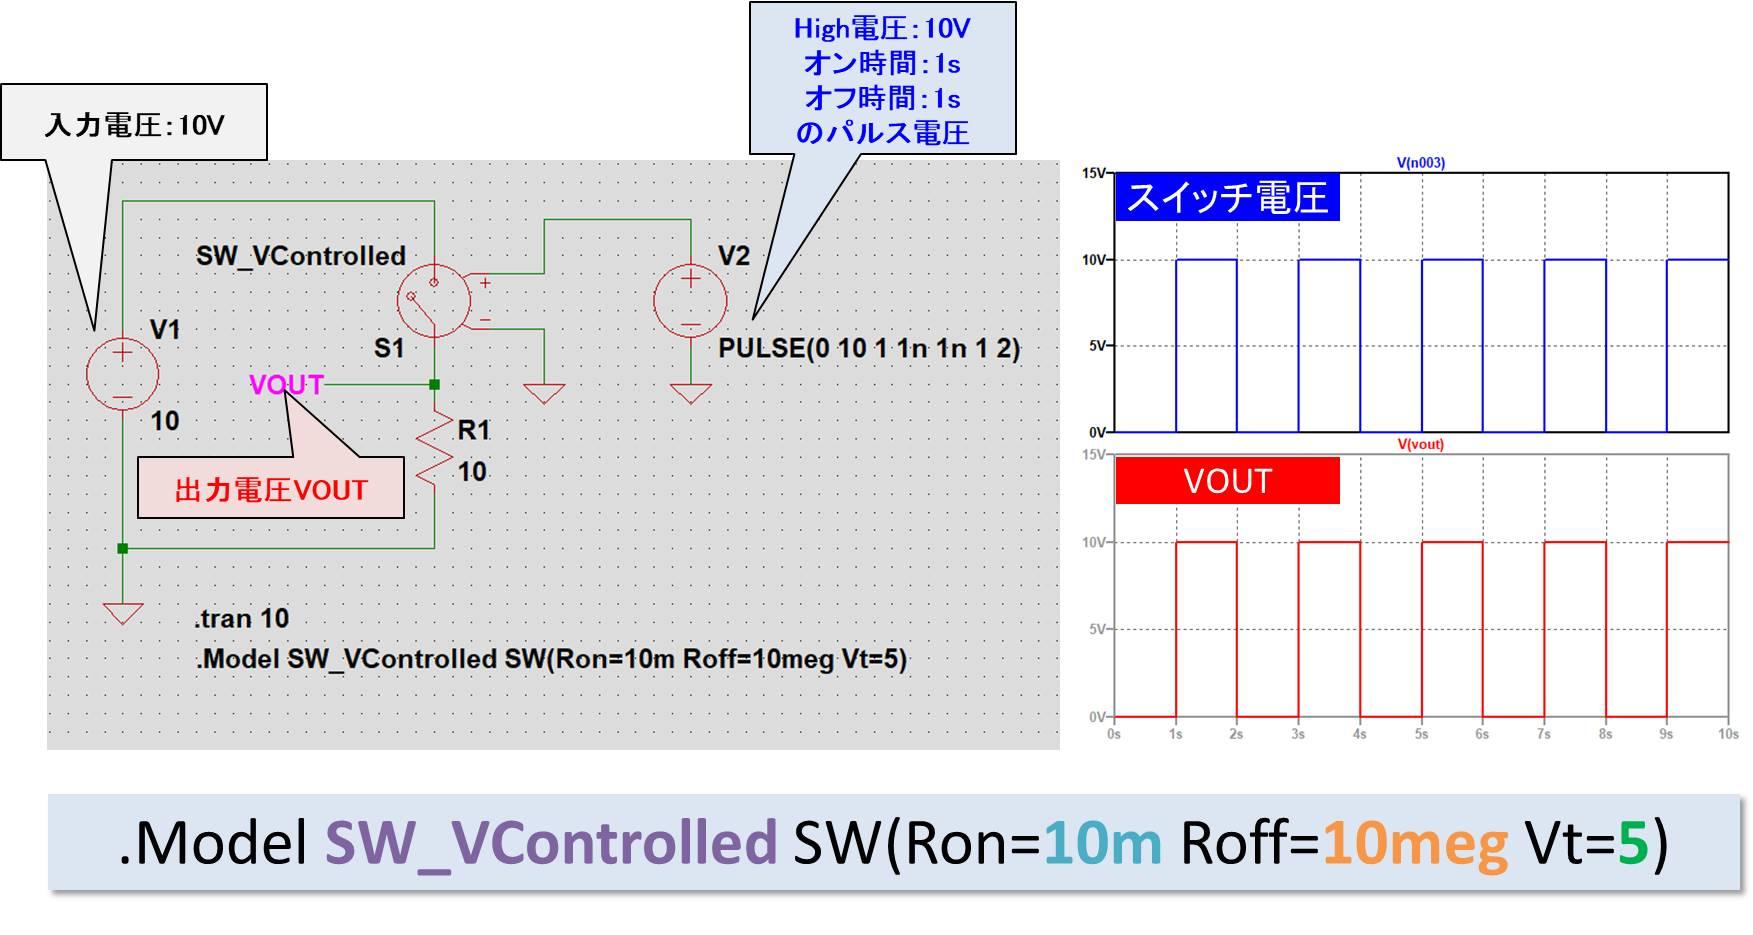 電圧制御スイッチにパルス電圧を印可する